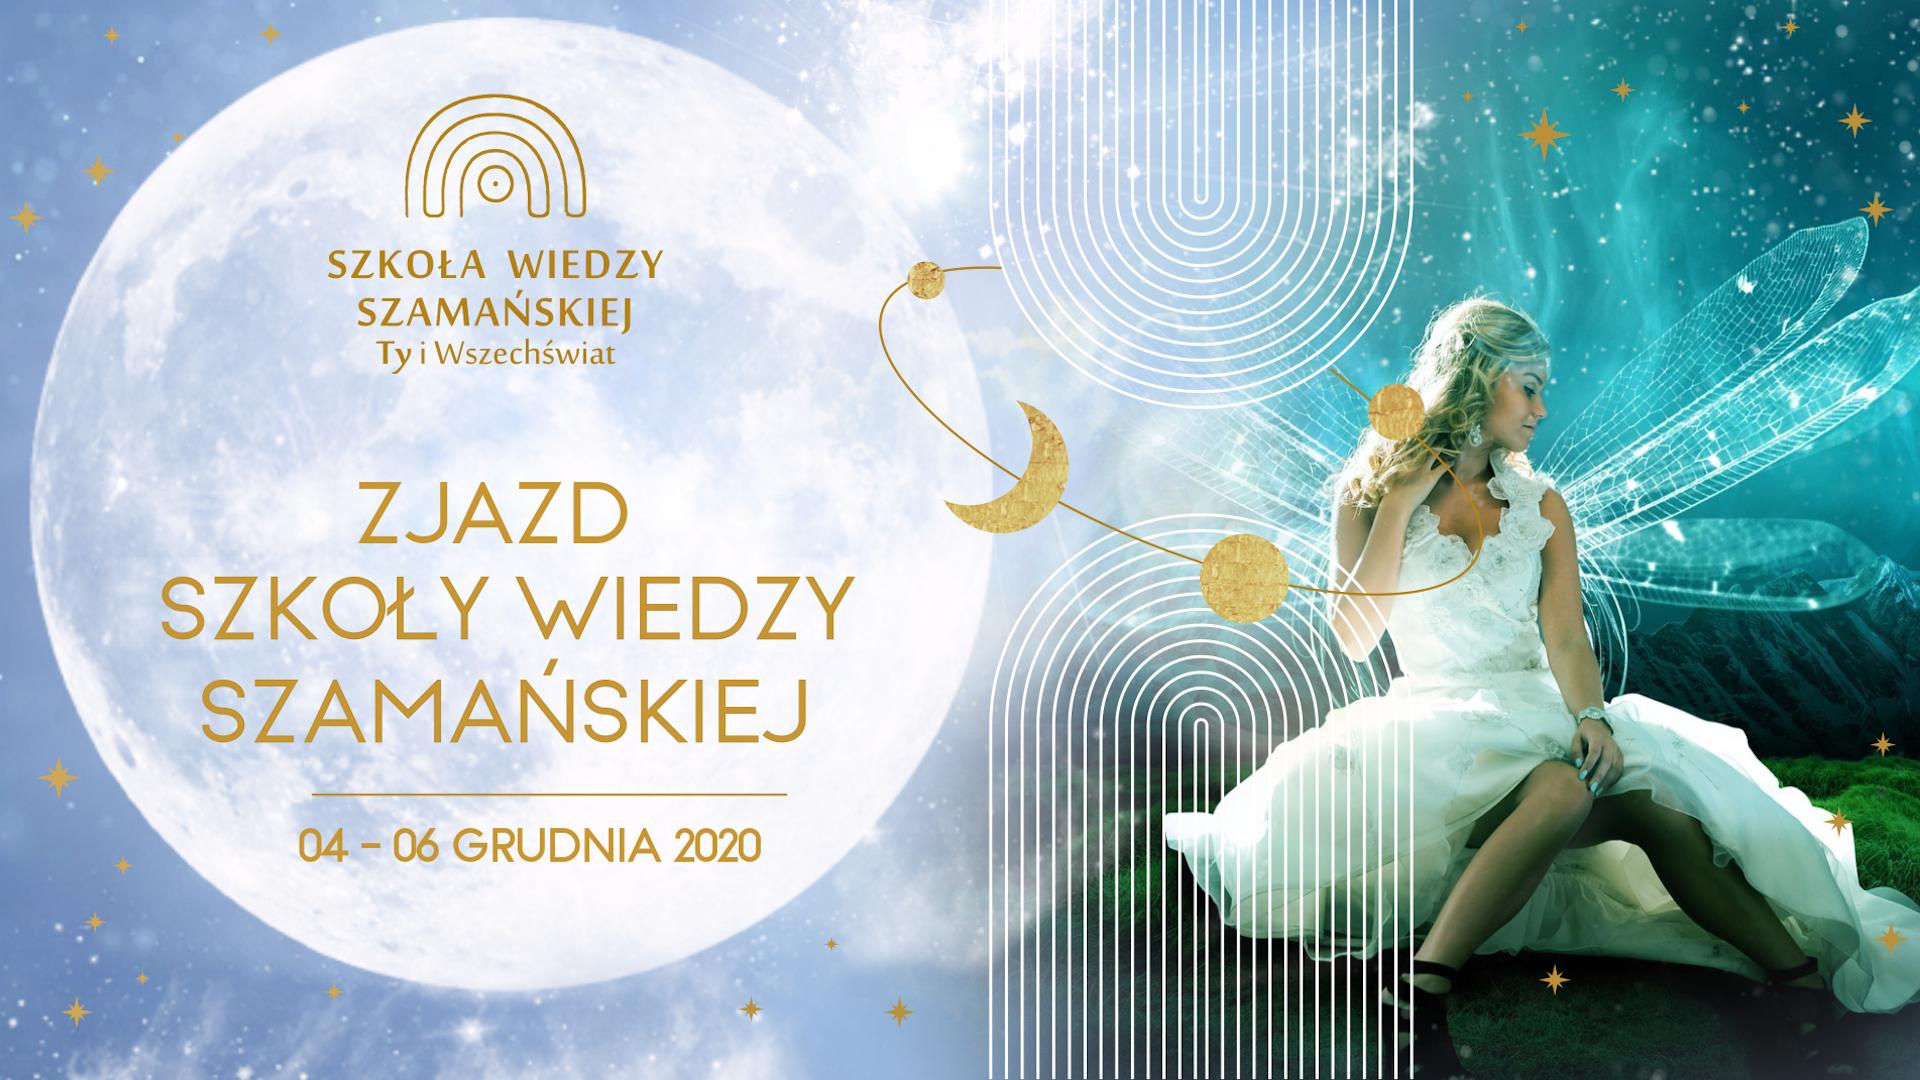 Szkoła Wiedzy Szamańskiej / grudzień 2020